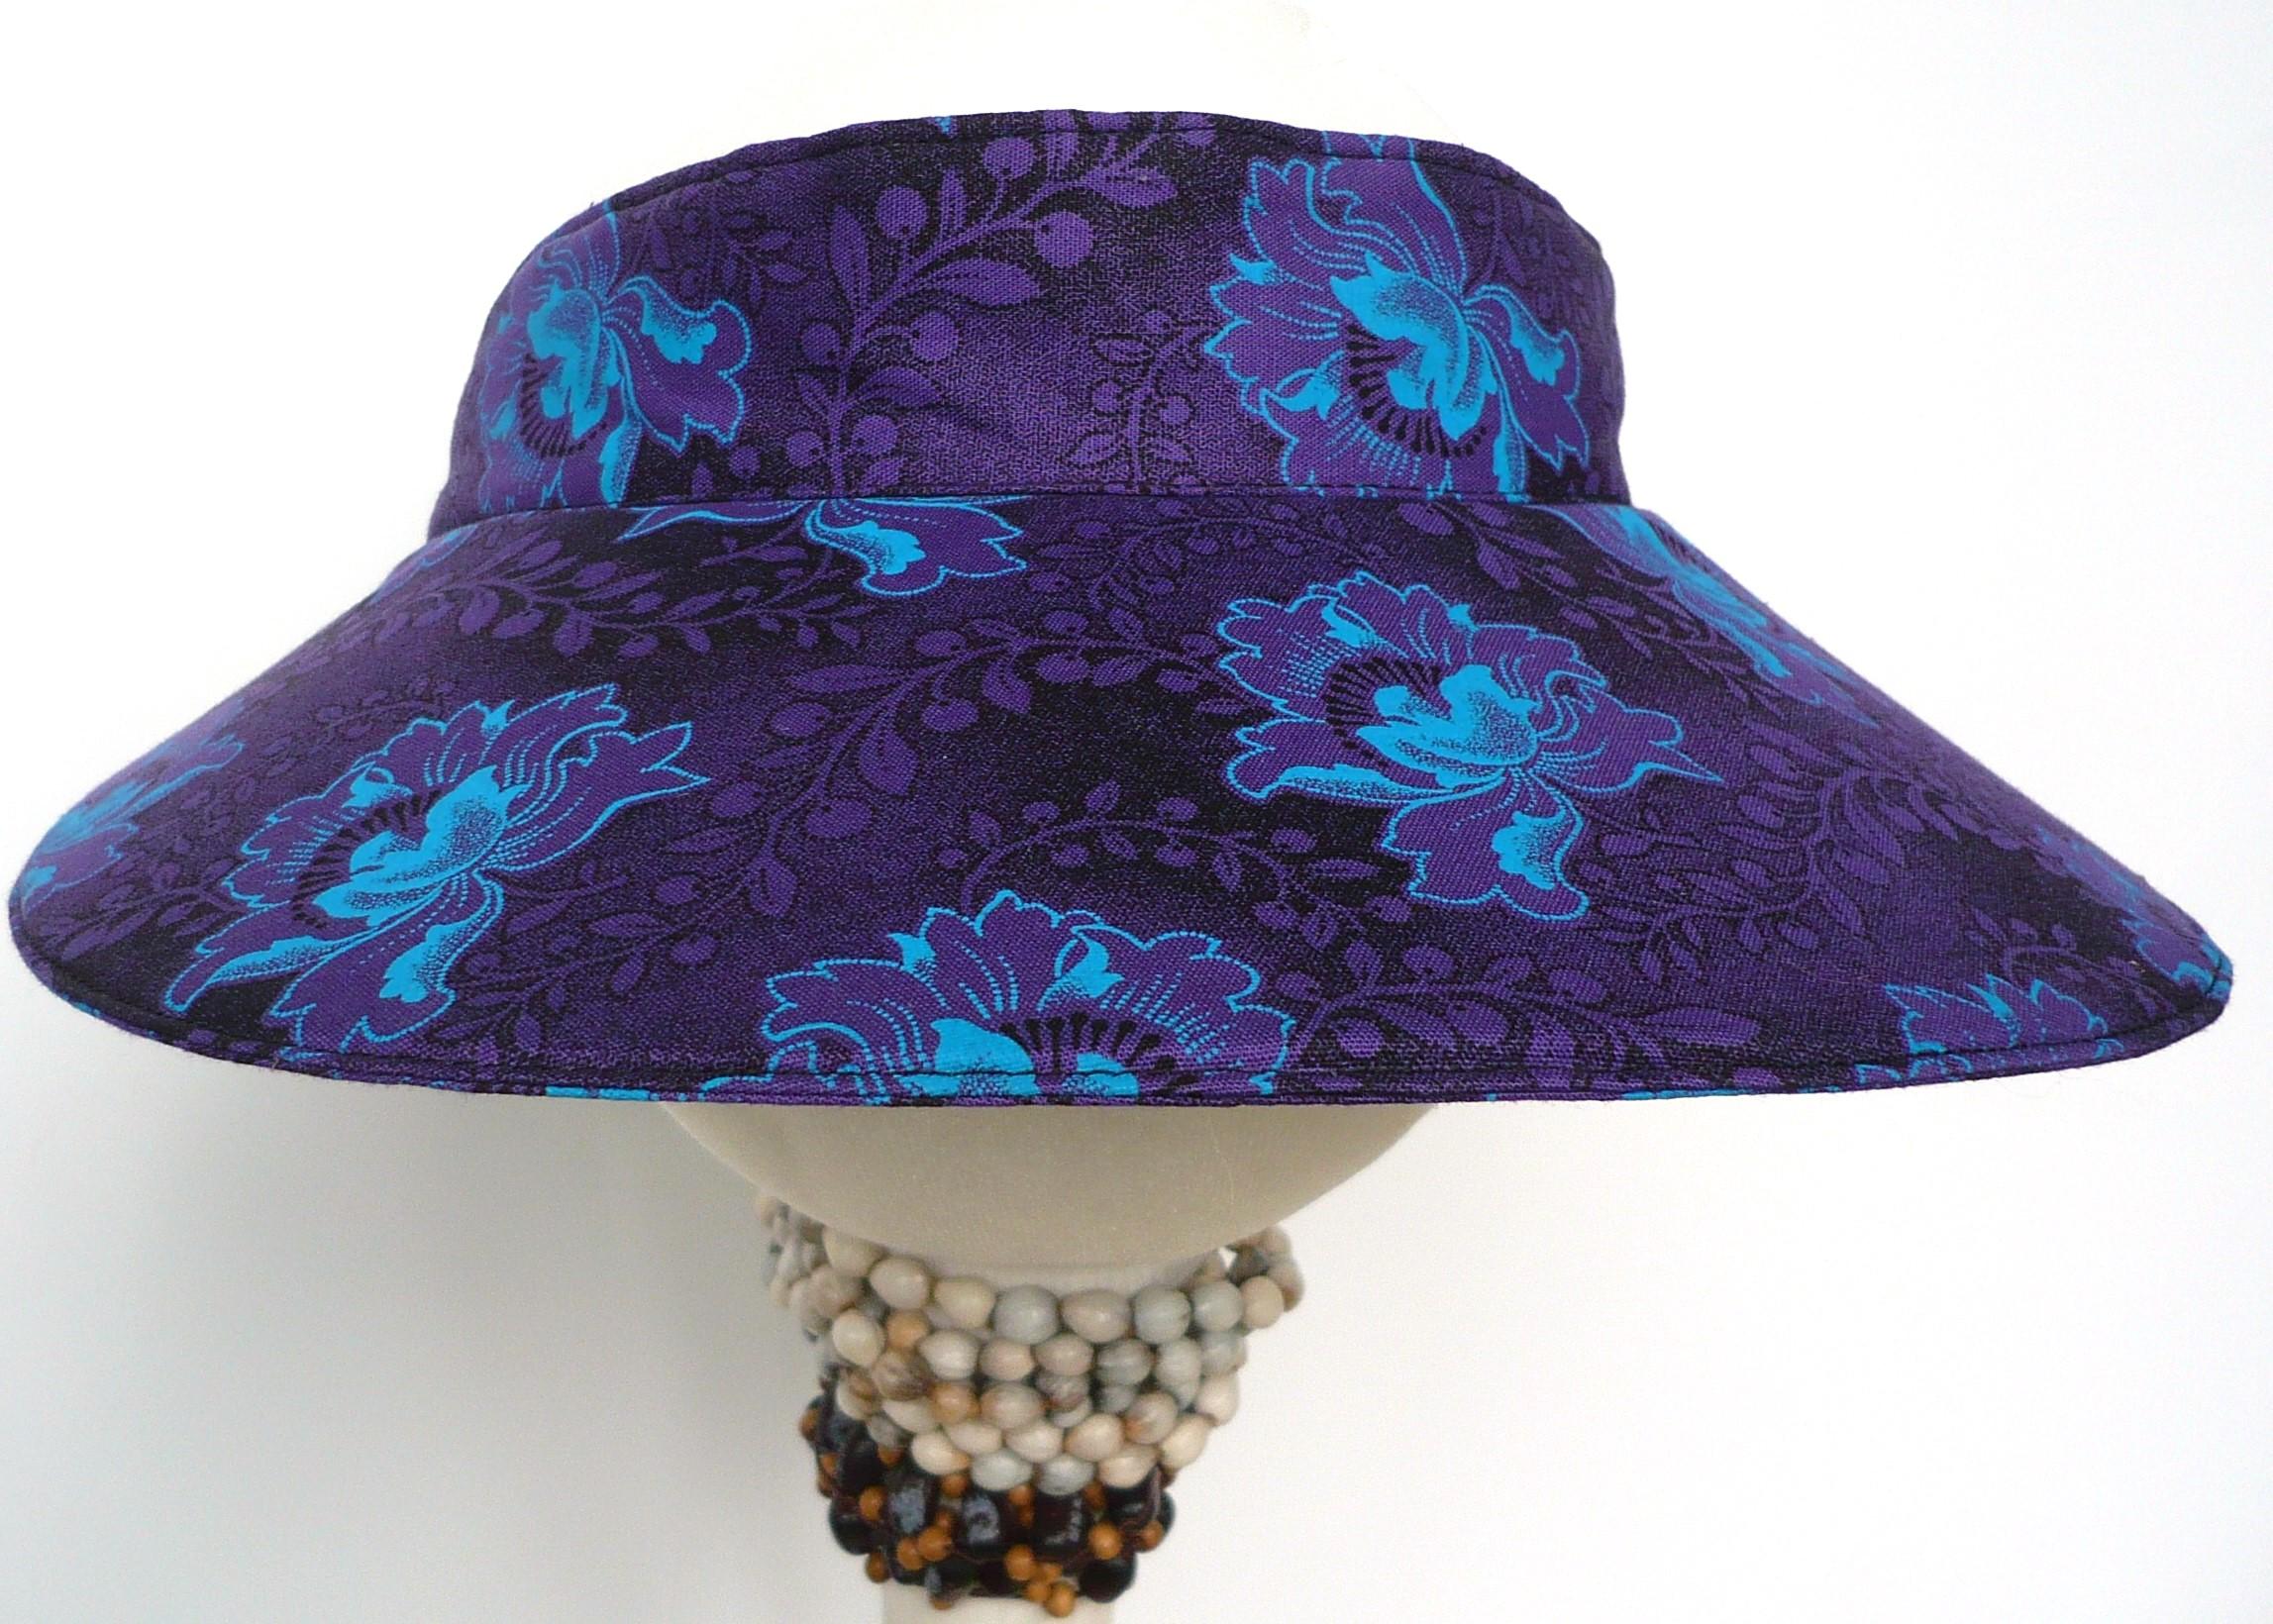 Shweshwe Purple/Turqoise/Black 07 Large